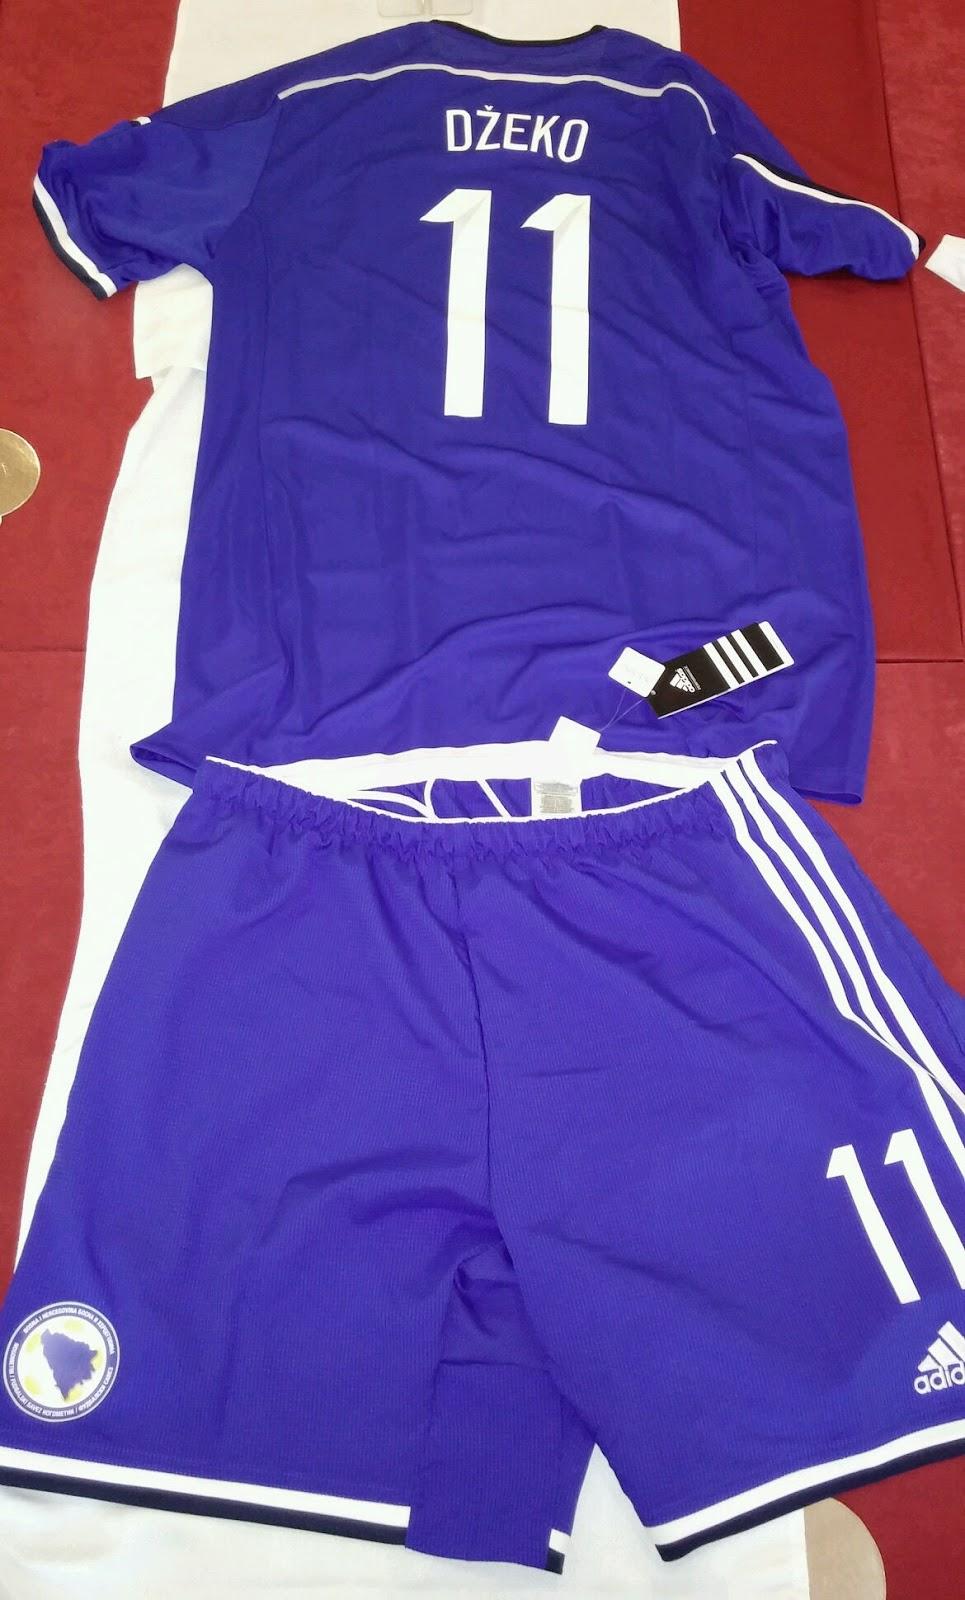 1a38e1e0037b95 Bosnia, con la maglia viola. Prima maglia bianca e viola, ...